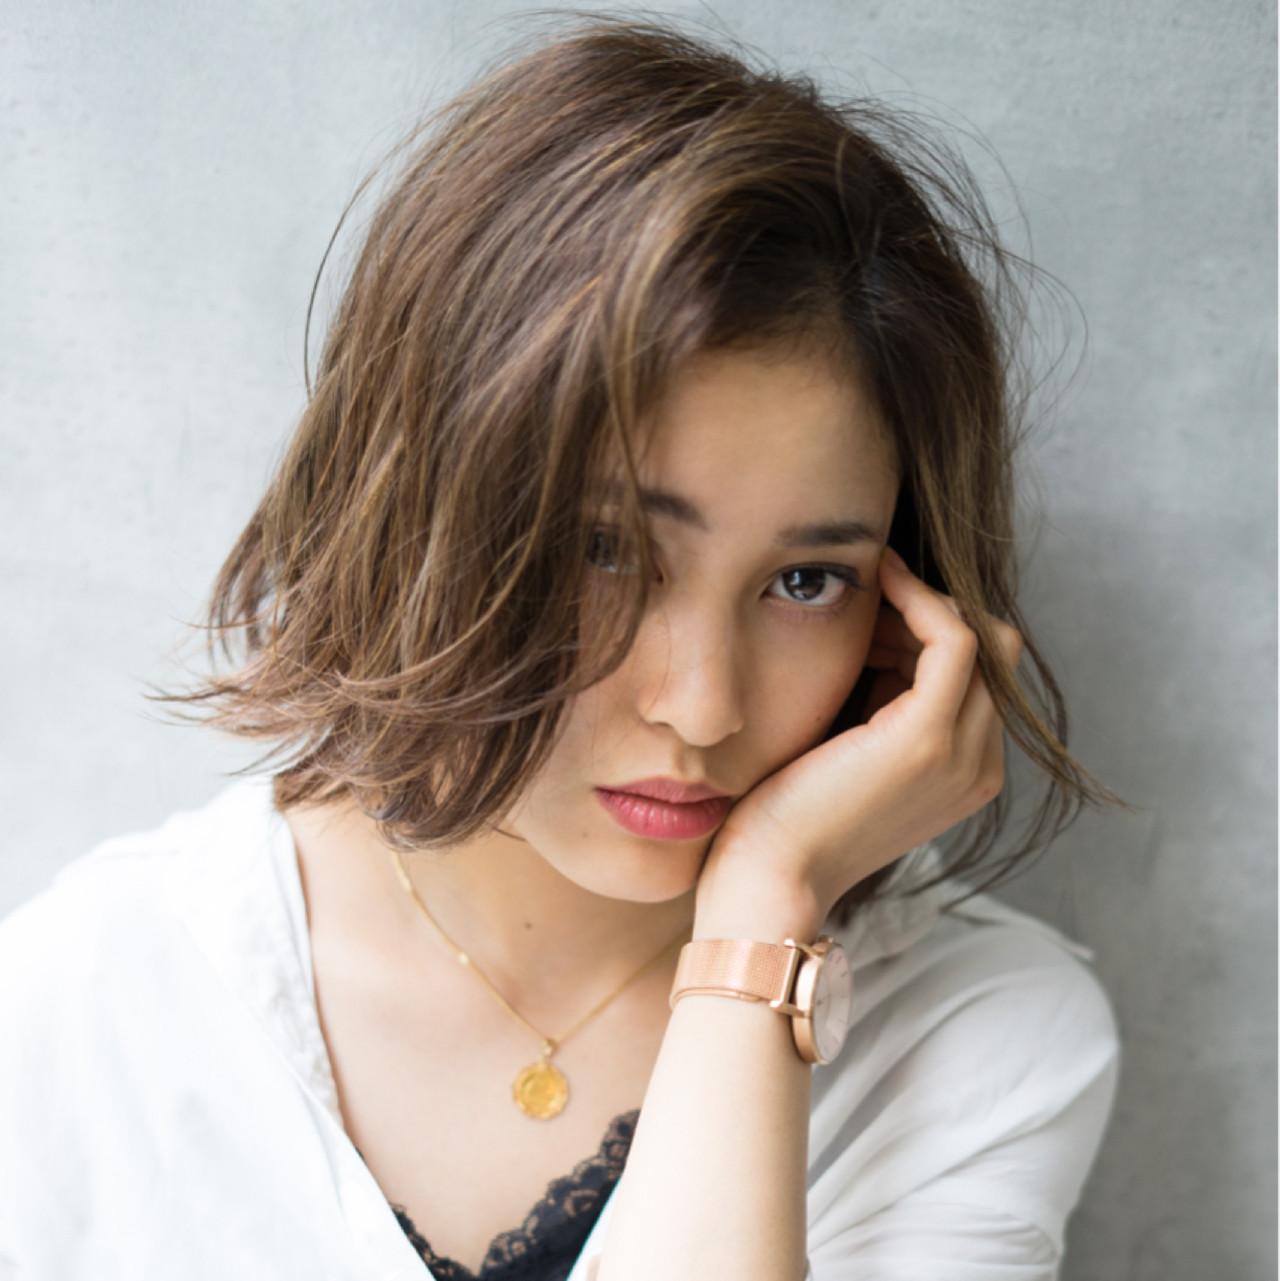 長め前髪がかっこいい!ミディアムスタイル 山田涼一 | HAIR MAKE Ash 下北沢